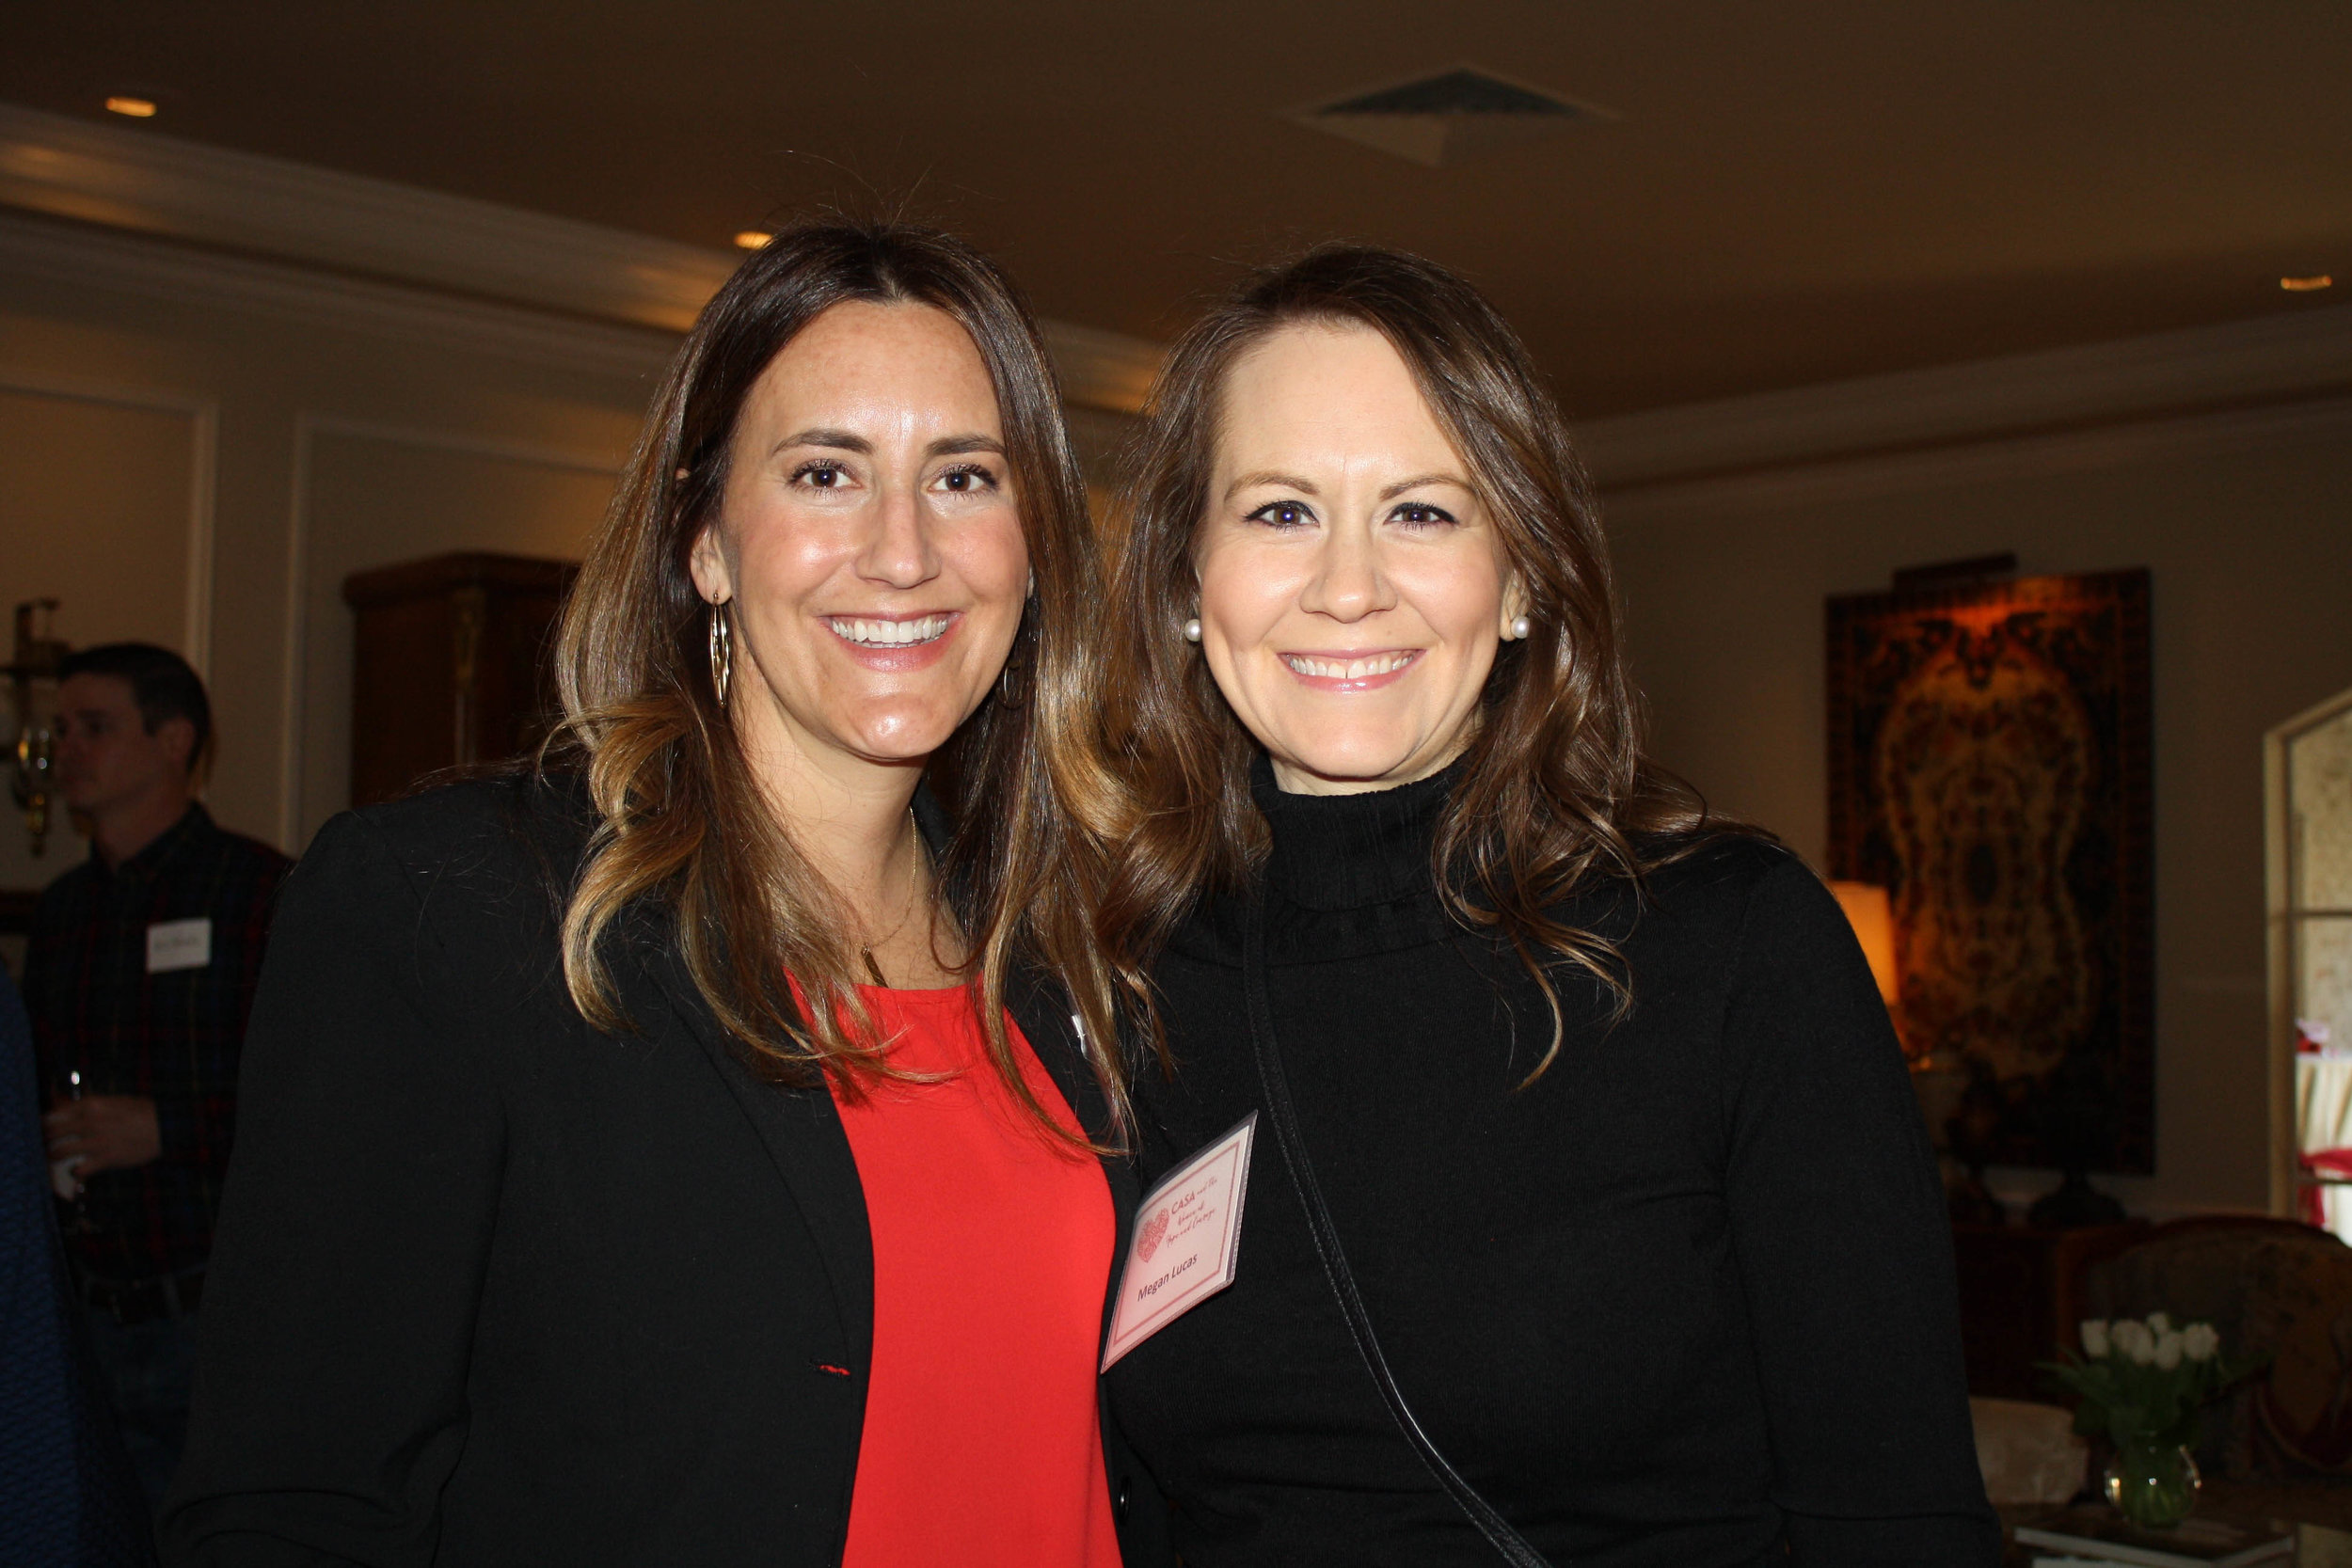 Jordan Miller and Megan Lucas